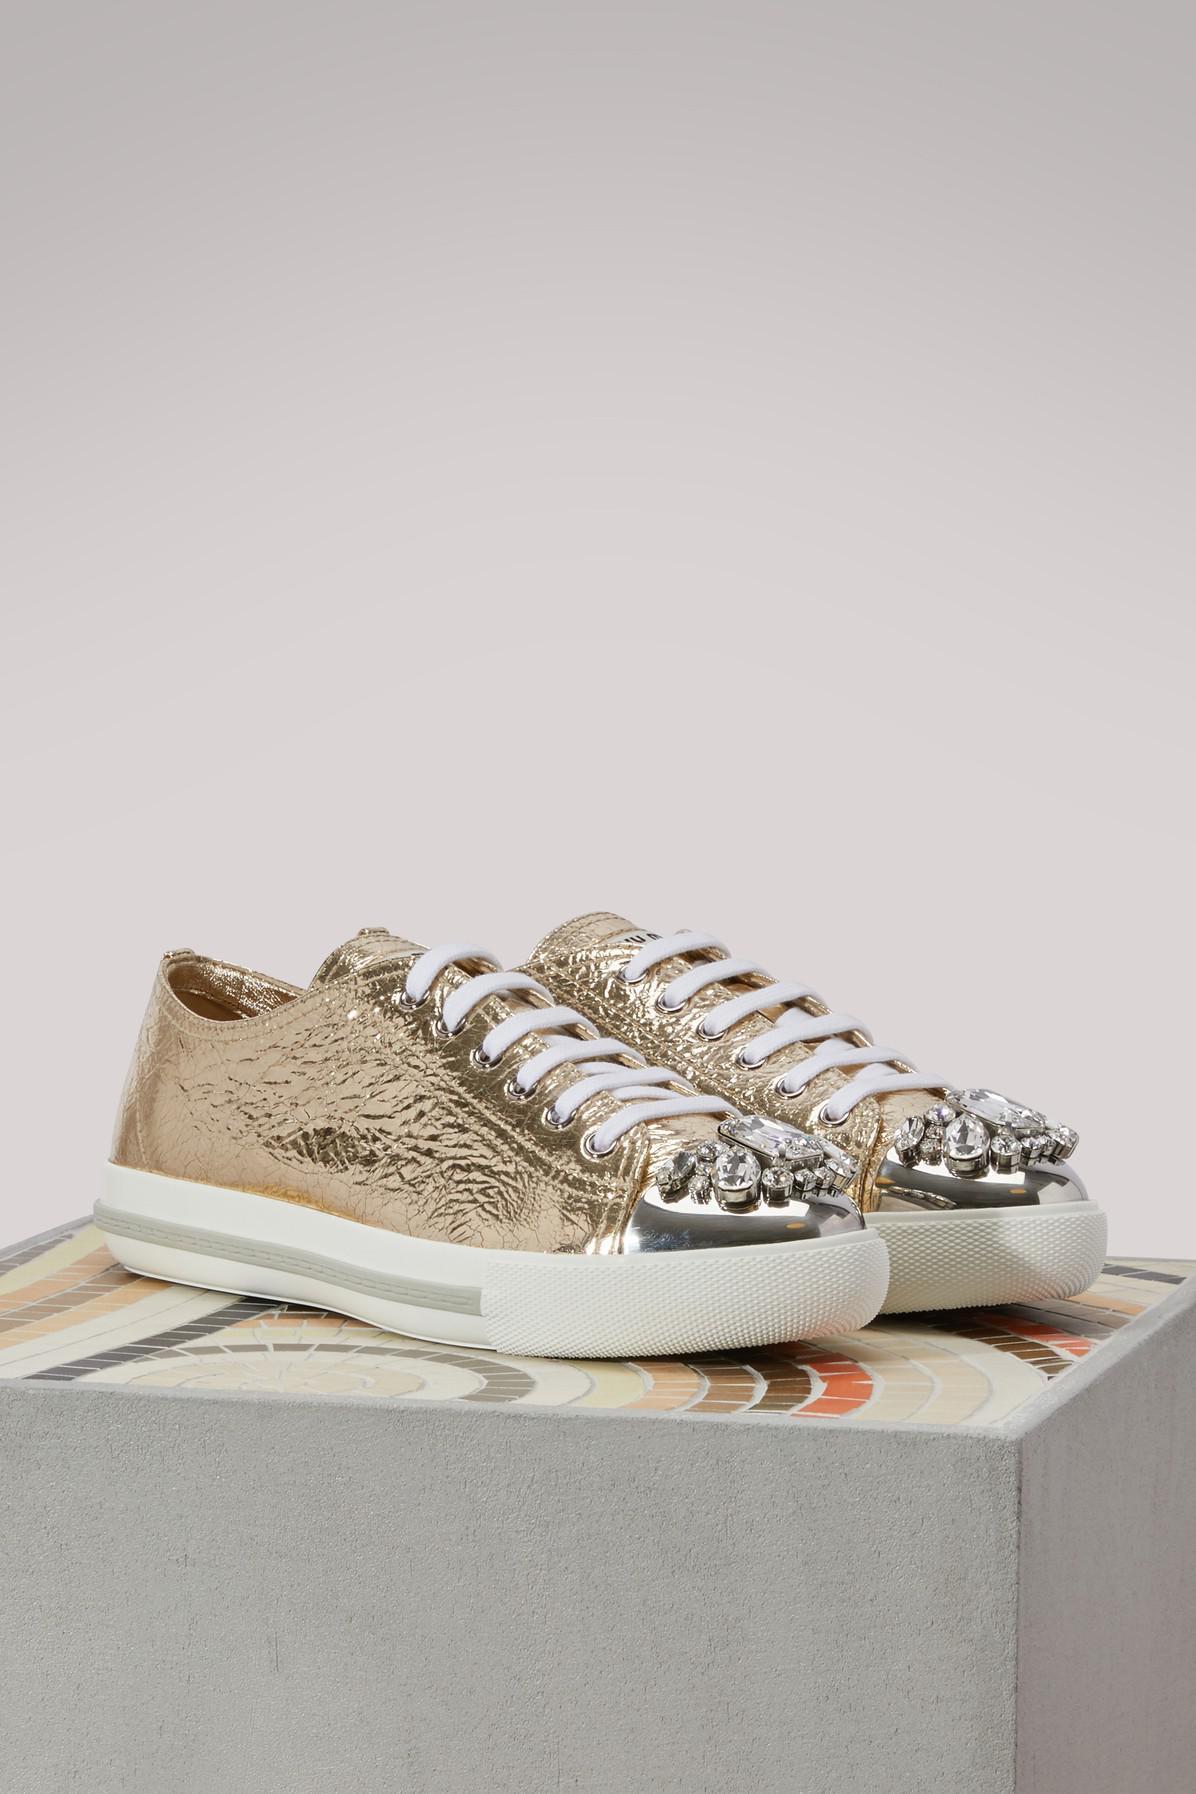 Miu Miu Gold Leather Sneakers in Metallic